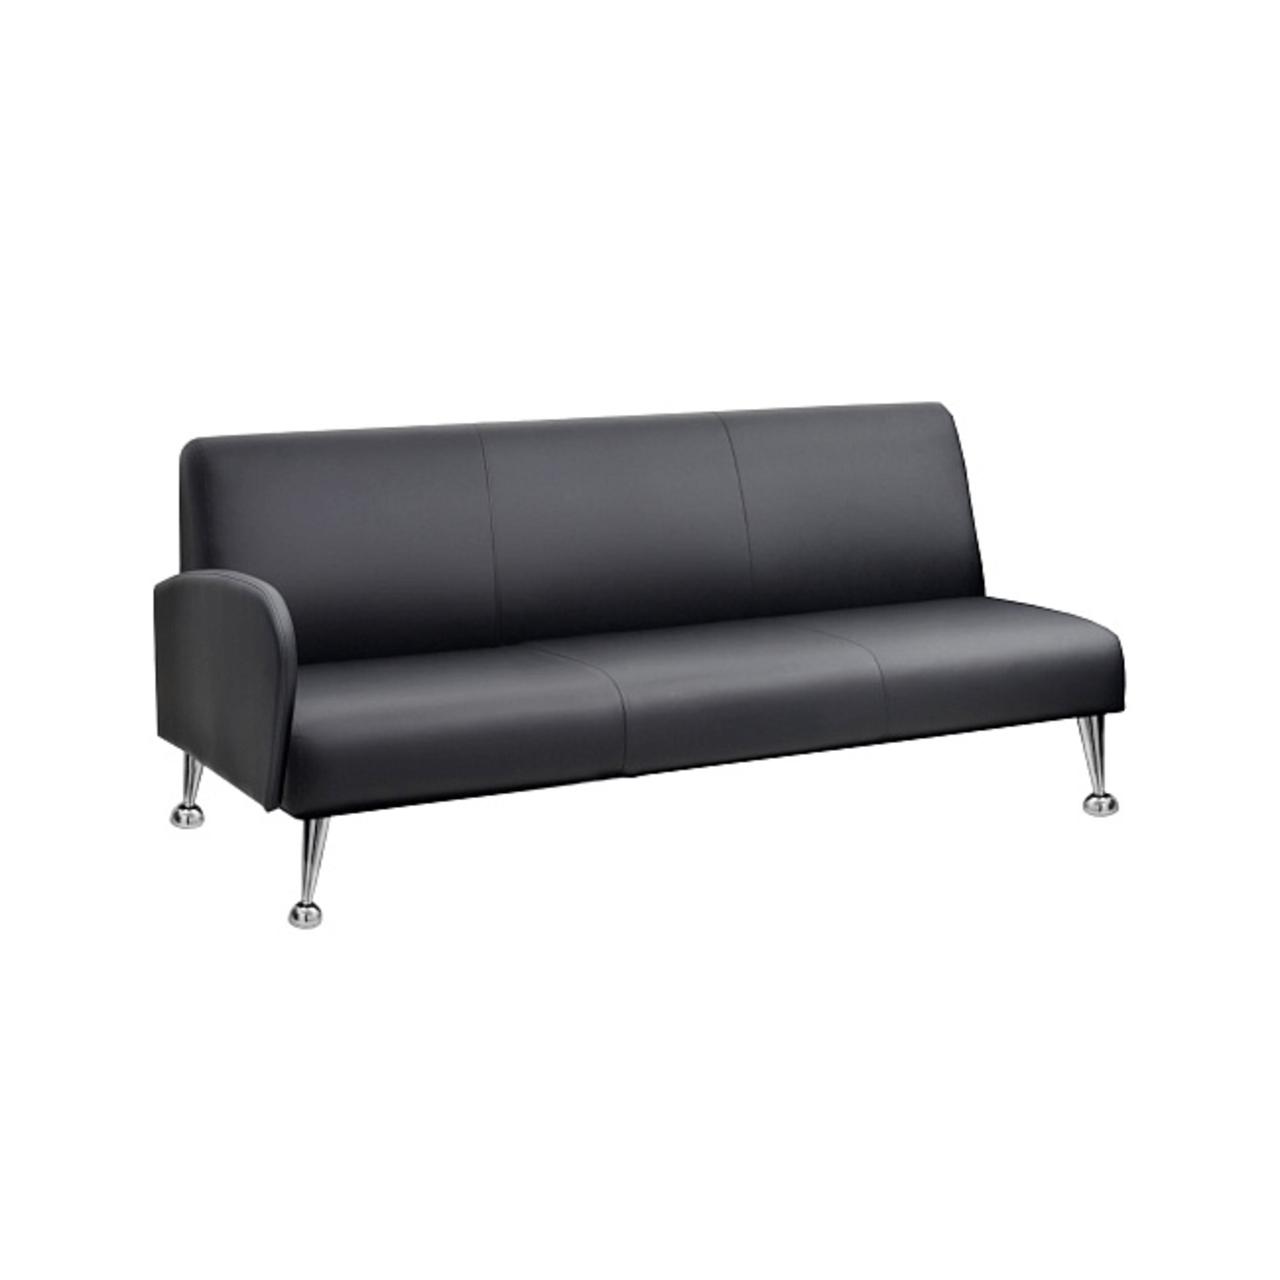 3-х местная диванная секция с подлокотником лев  M-05 Соренто 188x82x83 - фото 1